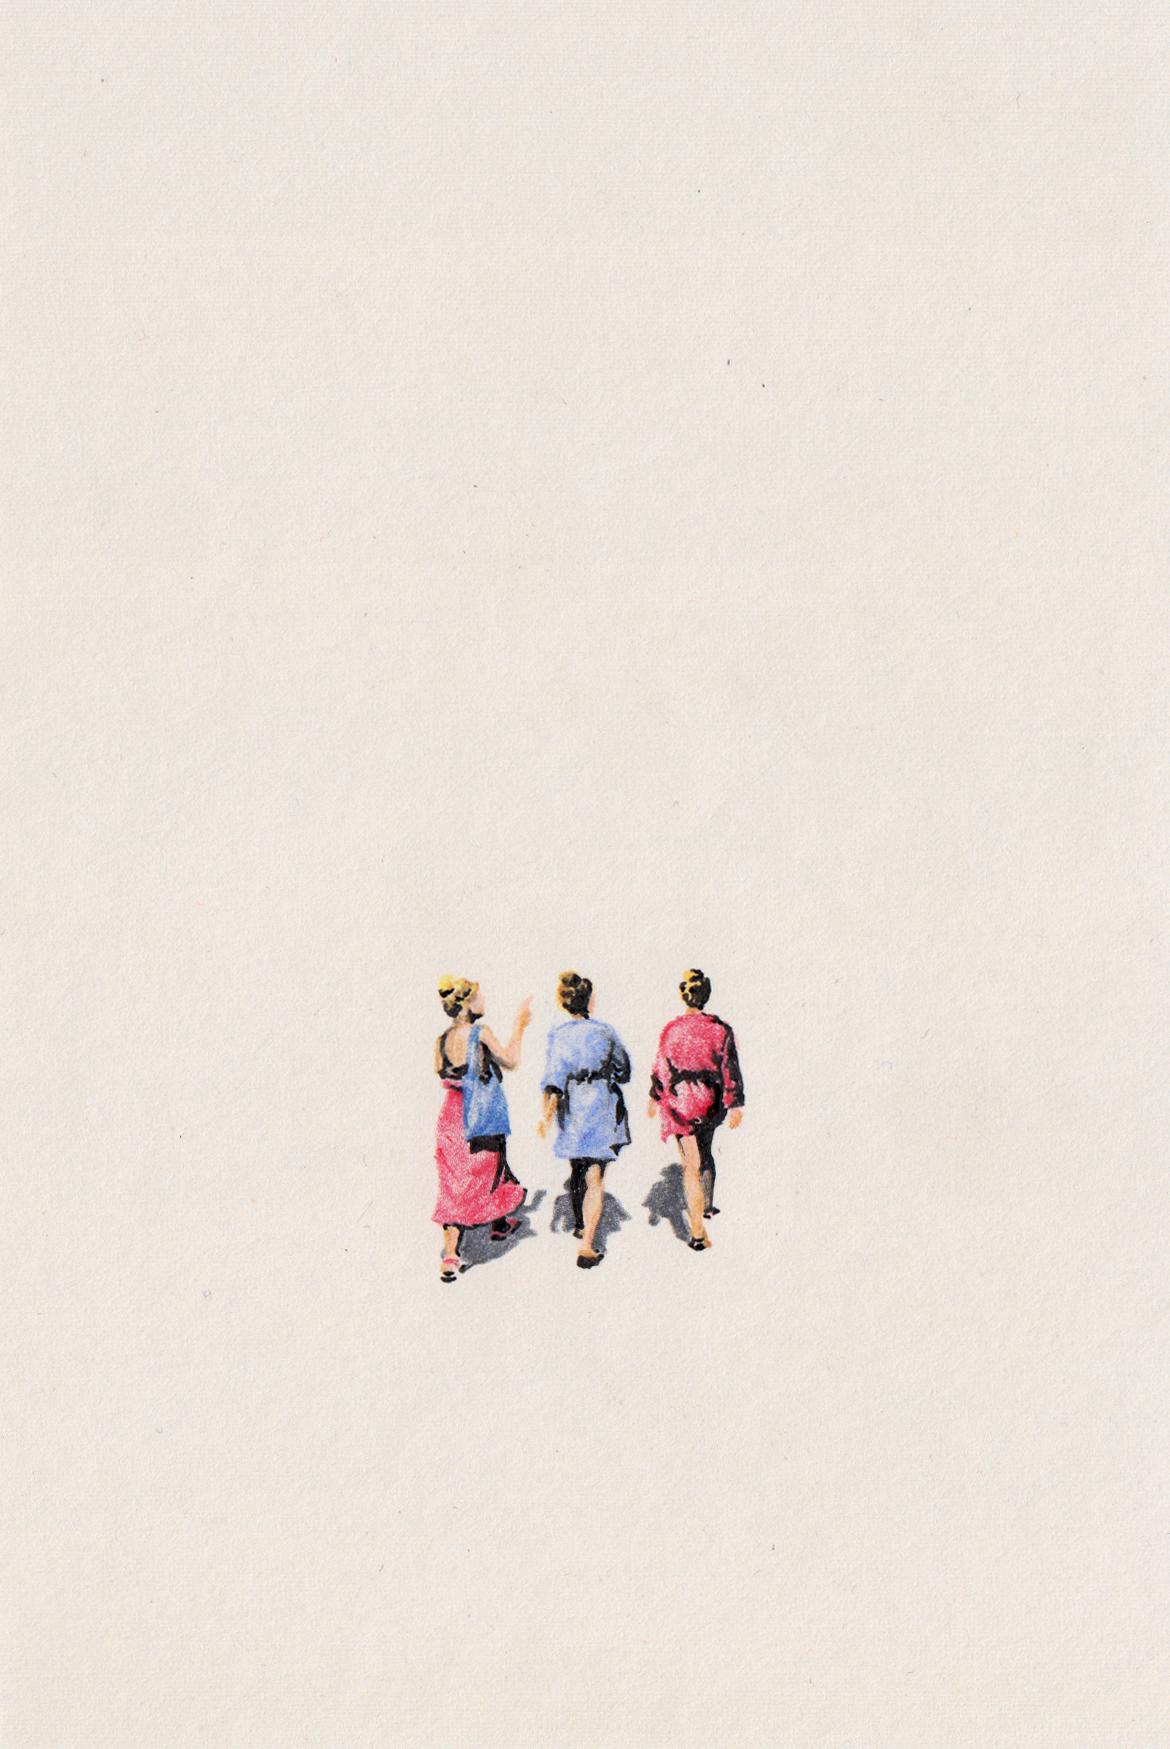 Loveblood Creative- Alexandre Luu -Lucie, Marion, Valentine.jpg